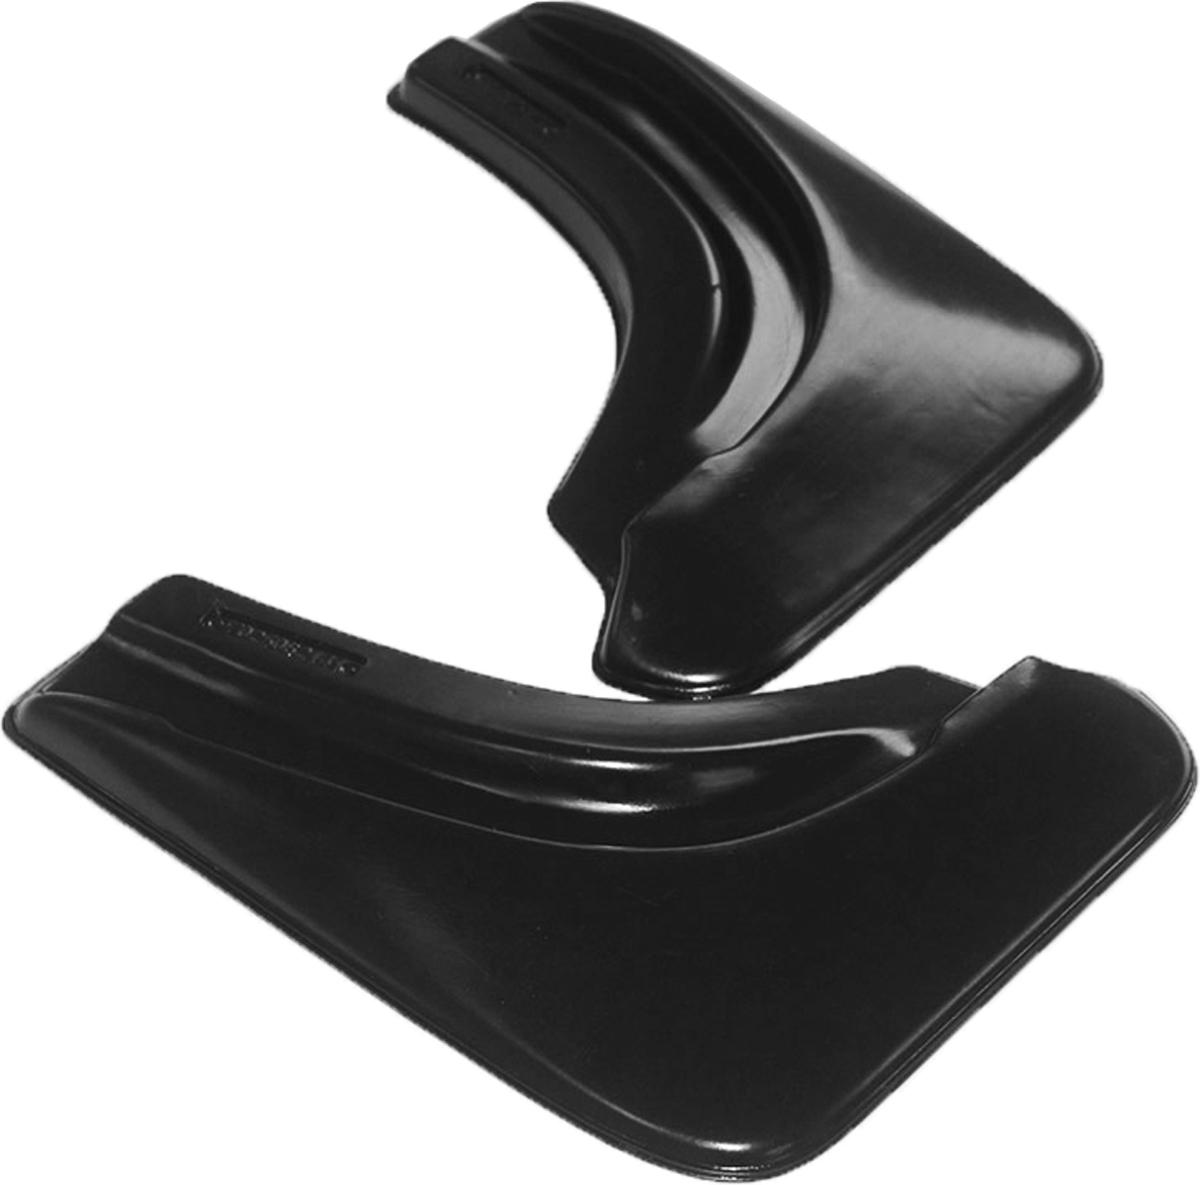 Комплект задних брызговиков L.Locker, для Geely GX7 (13-)CA-3505Брызговики L.Locker изготовлены из высококачественного полиуретана. Уникальный состав брызговиков допускает их эксплуатацию в широком диапазоне температур: от -50°С до +80°С. Эффективно защищают кузов автомобиля от грязи и воды - формируют аэродинамический поток воздуха, создаваемый при движении вокруг кузова таким образом, чтобы максимально уменьшить образование грязевой измороси, оседающей на автомобиле. Разработаны индивидуально для каждой модели автомобиля, с эстетической точки зрения брызговики являются завершением колесной арки.